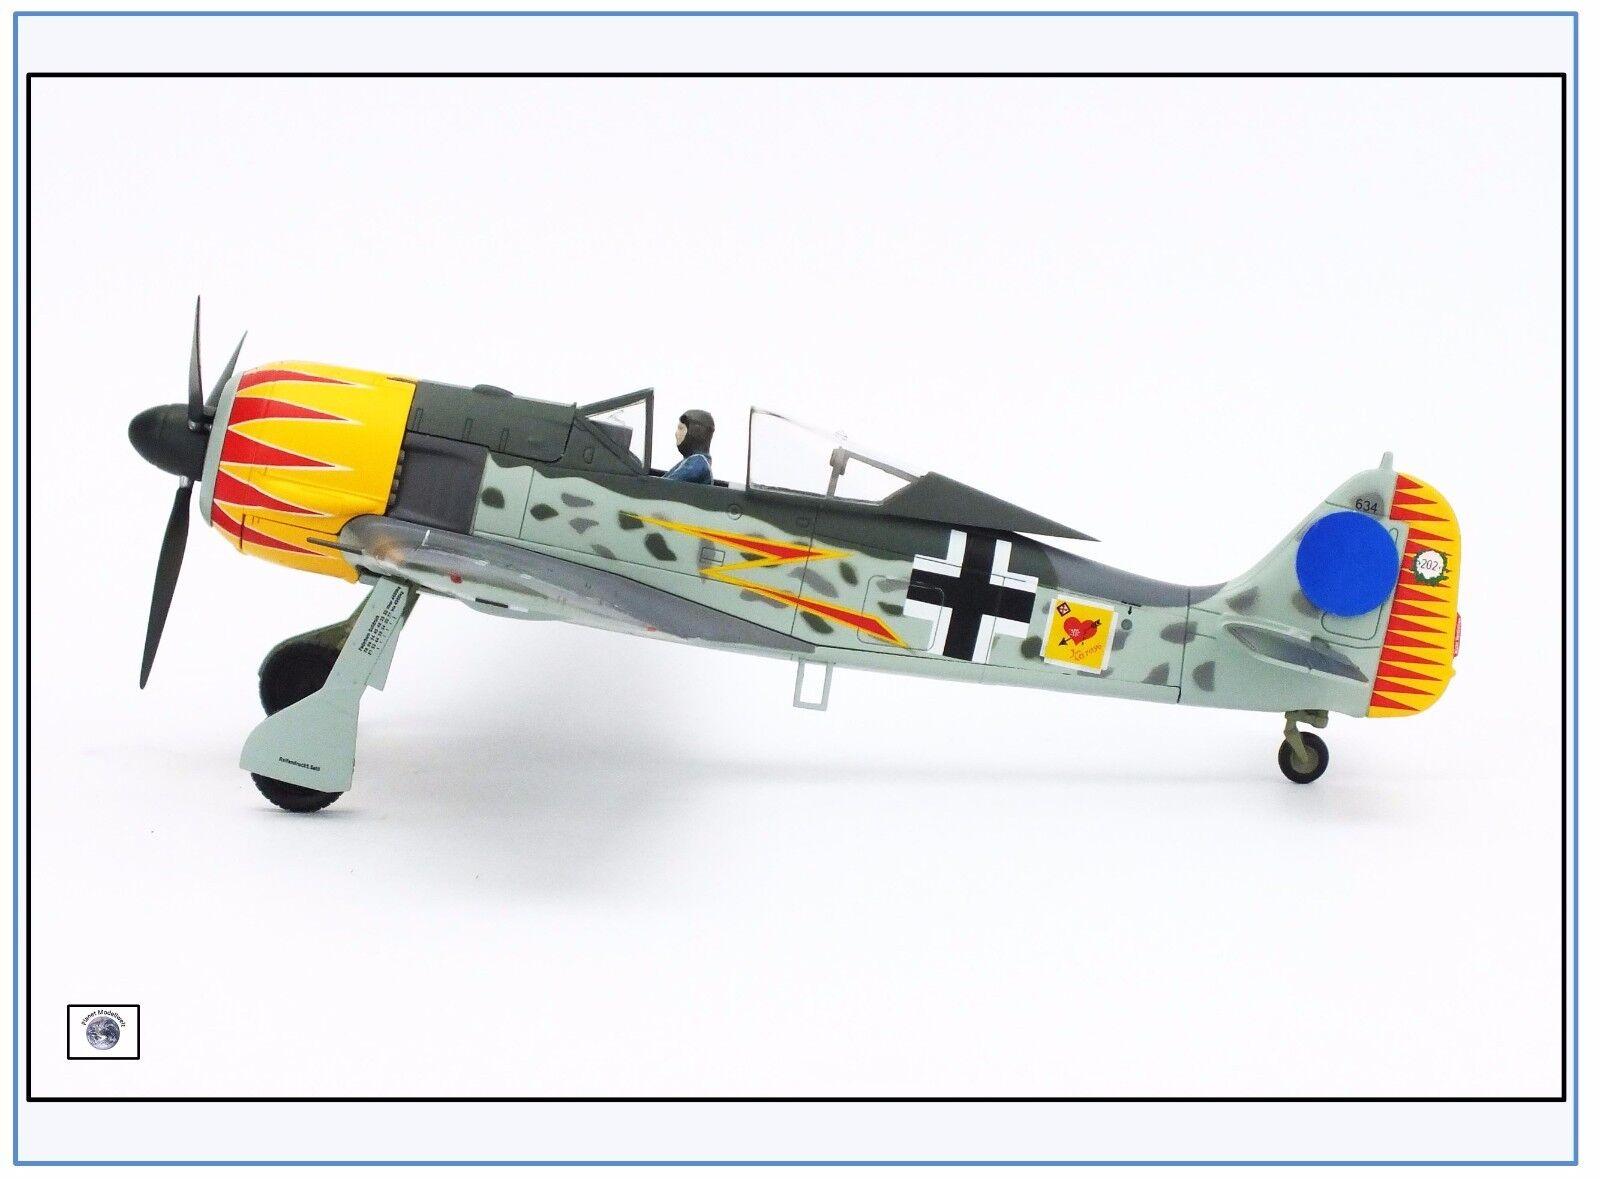 Ha7419 fw-190a-4 stabilirono 2, Francia 1943, HOBBYMASTER HOBBYMASTER HOBBYMASTER 1:48, nuovo 2/17 & 04c51a